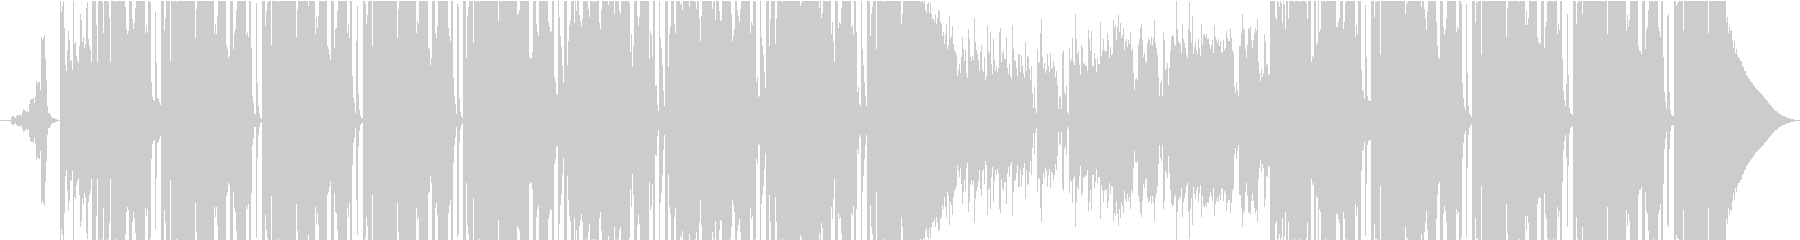 バックグラウンドアクションヒップホップの未再生の波形